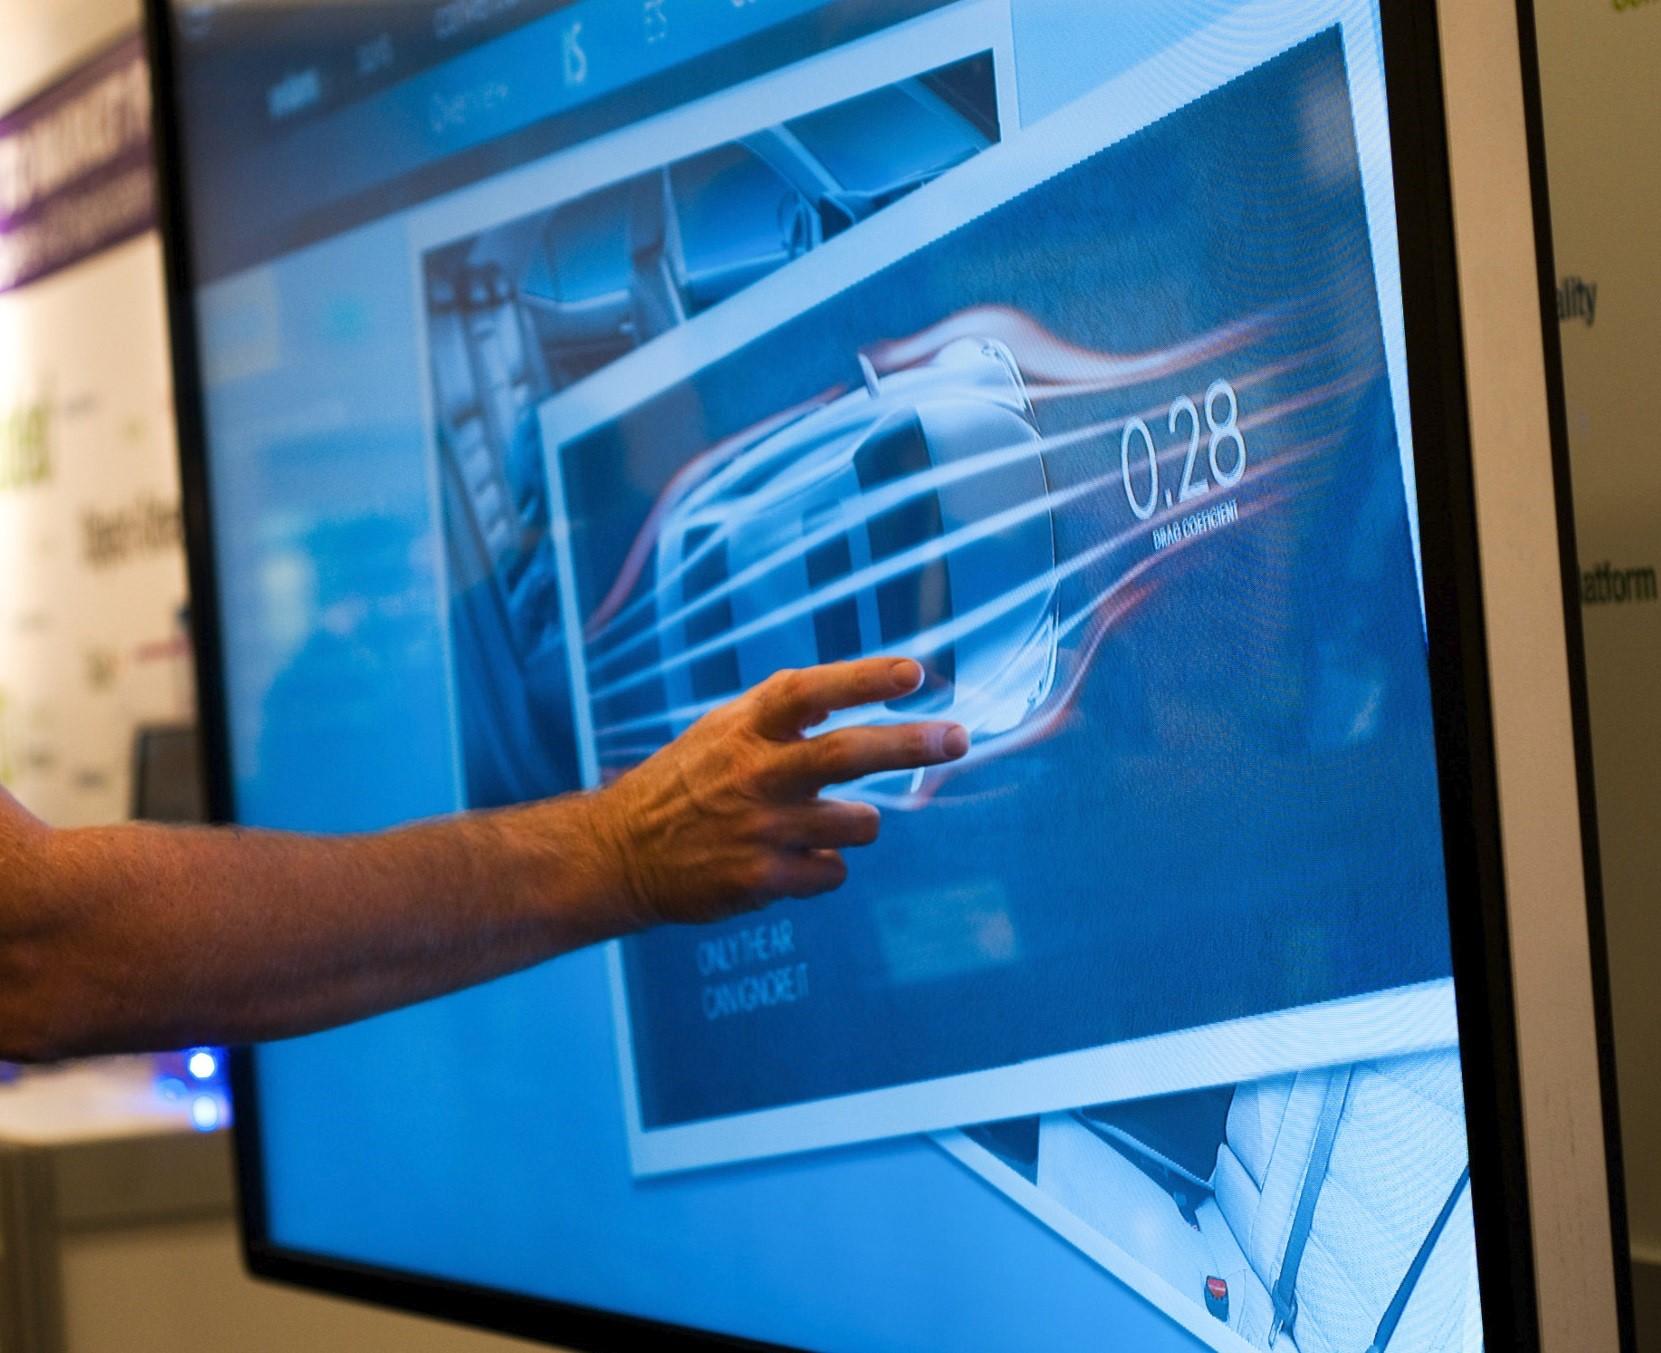 Мониторы, соперничающие с телевизорами модели с широкой диагональю - сенсорный монитор